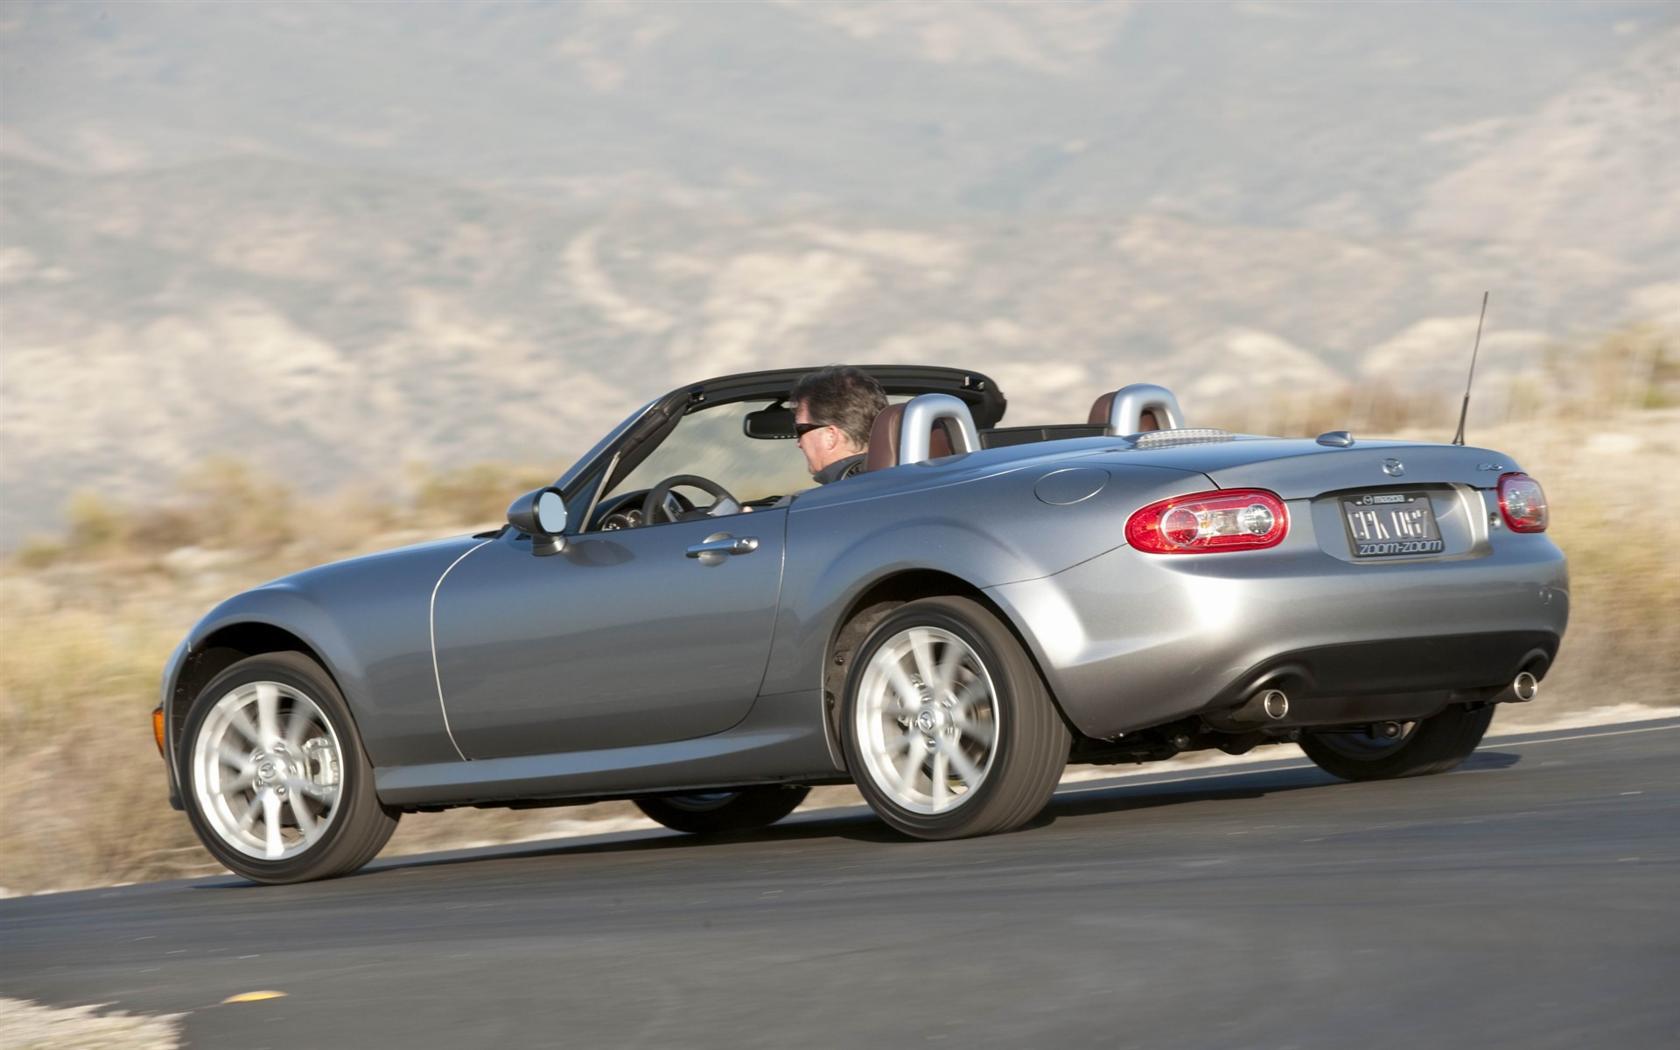 Price Of Mazda 5 >> 2011 Mazda MX-5 Miata Image. Photo 15 of 29